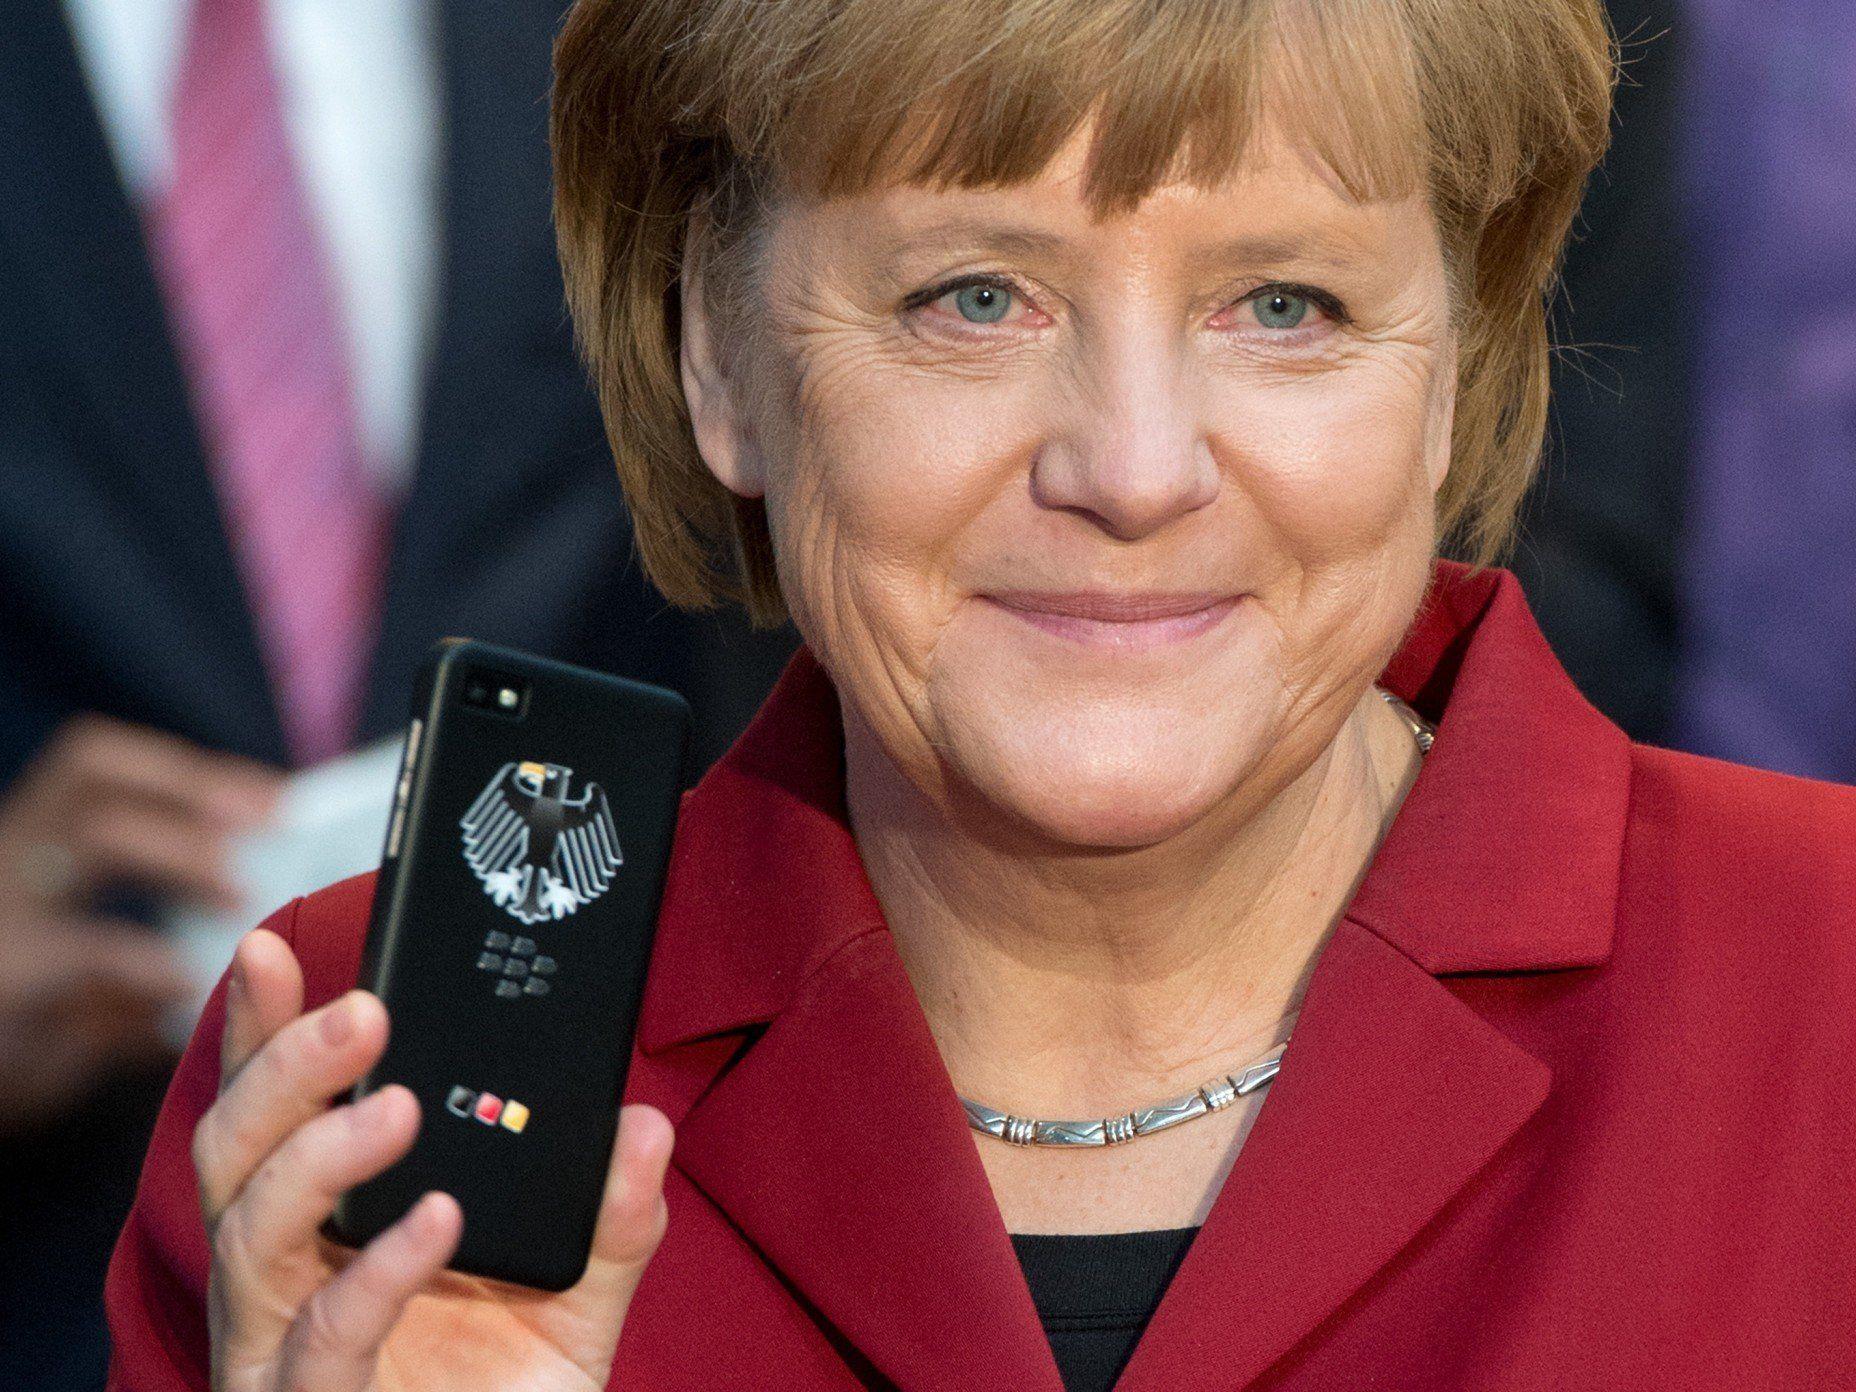 """Angela Merkel auf der CeBIT 2013, in der Hand ein """"abhörsicheres"""" Smartphone..."""